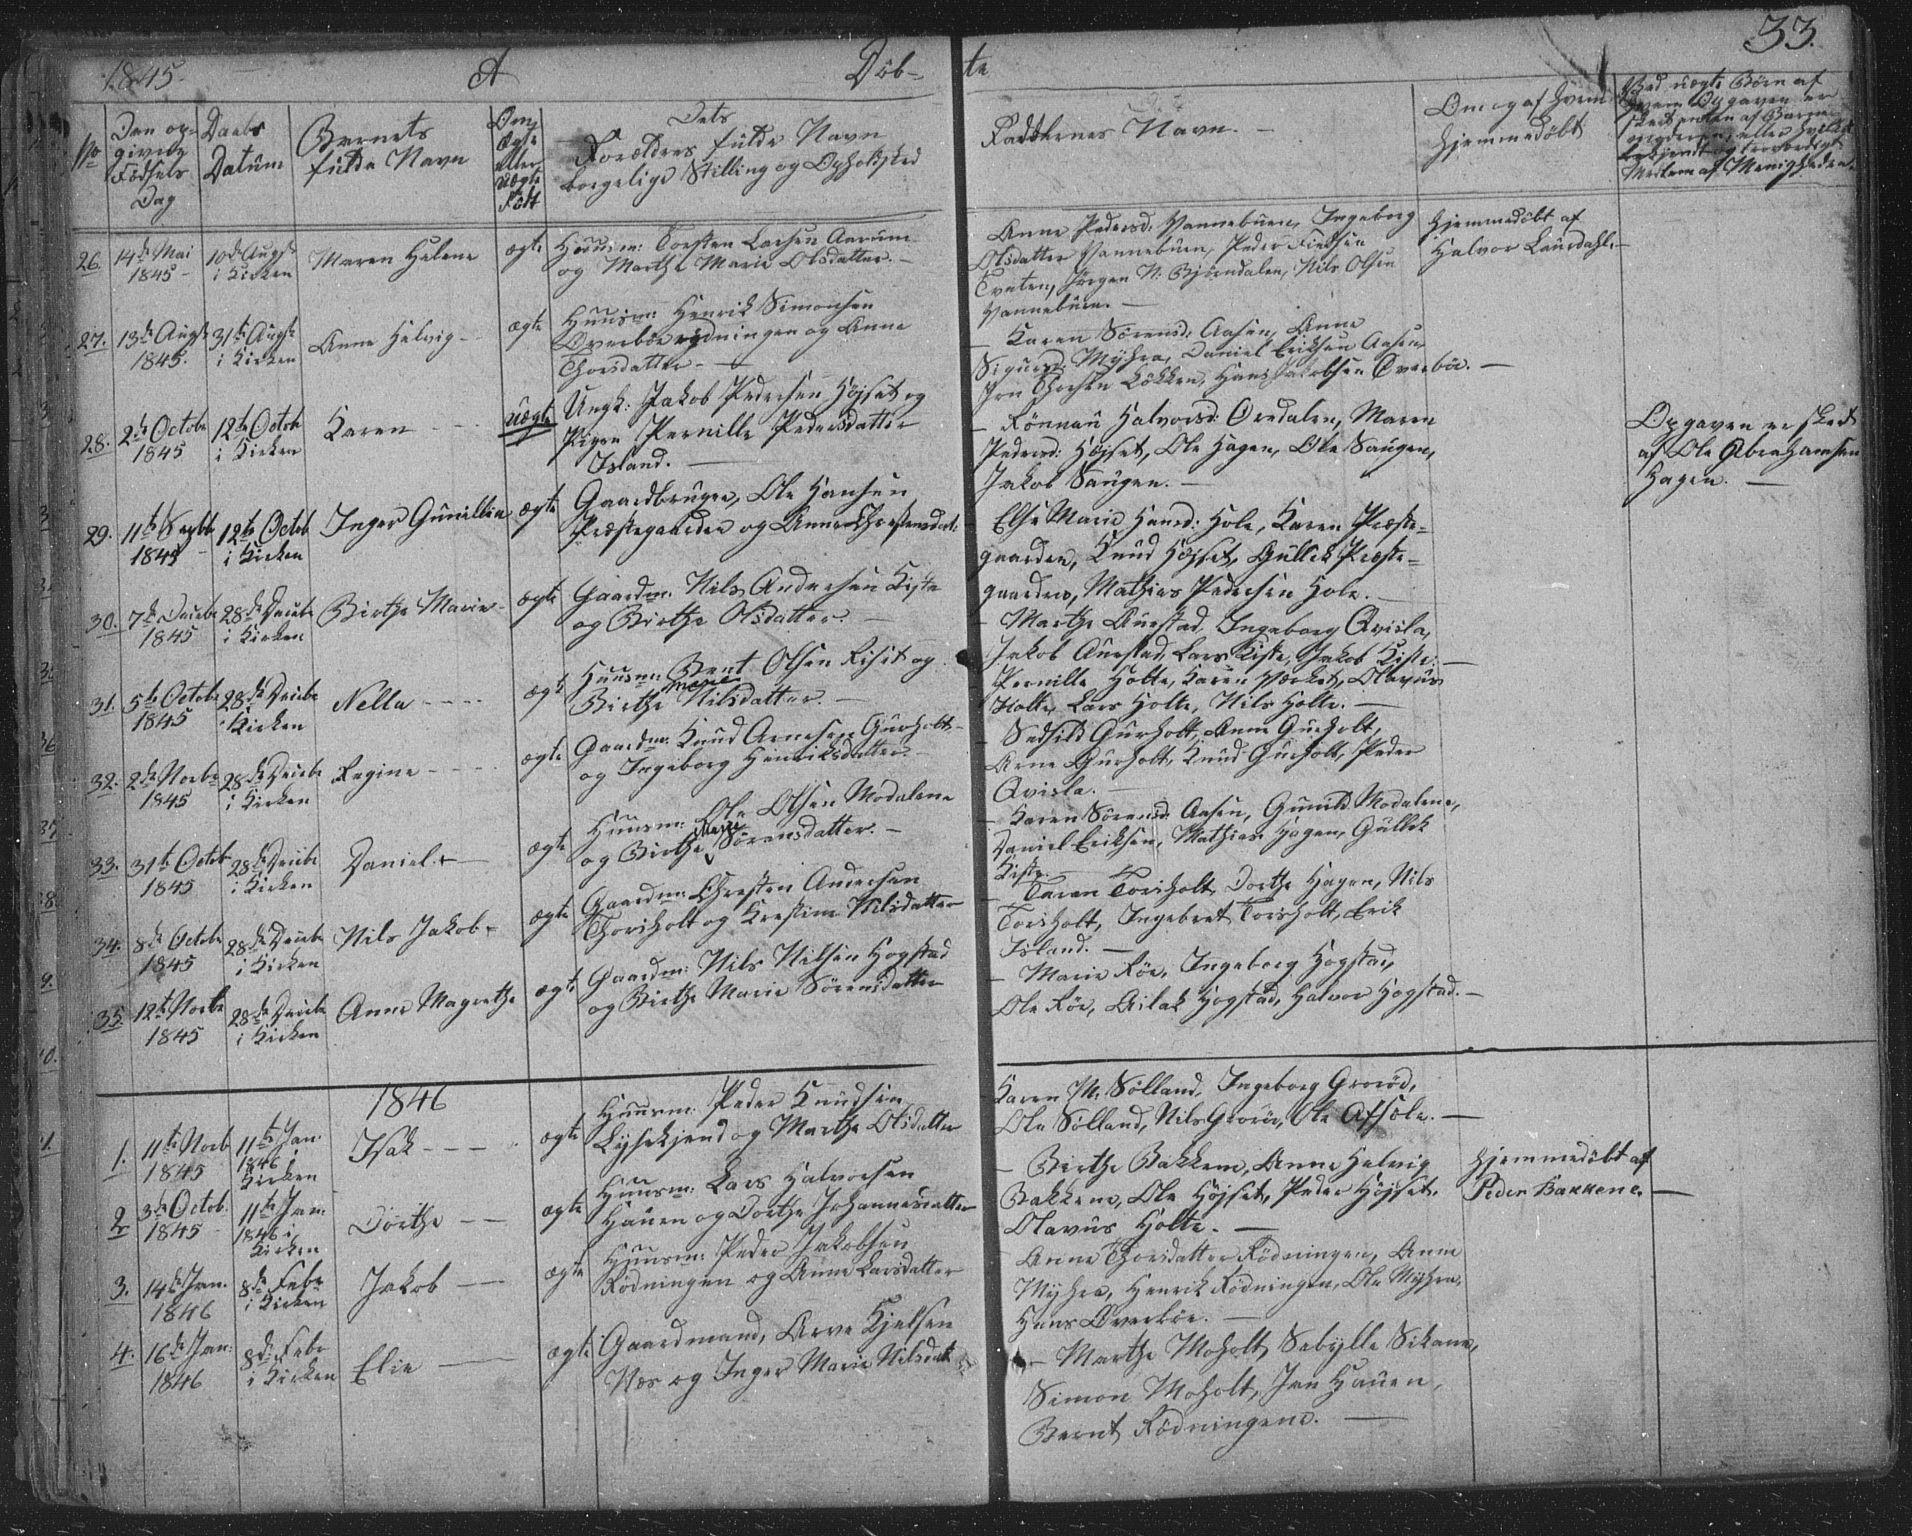 SAKO, Siljan kirkebøker, F/Fa/L0001: Ministerialbok nr. 1, 1831-1870, s. 33